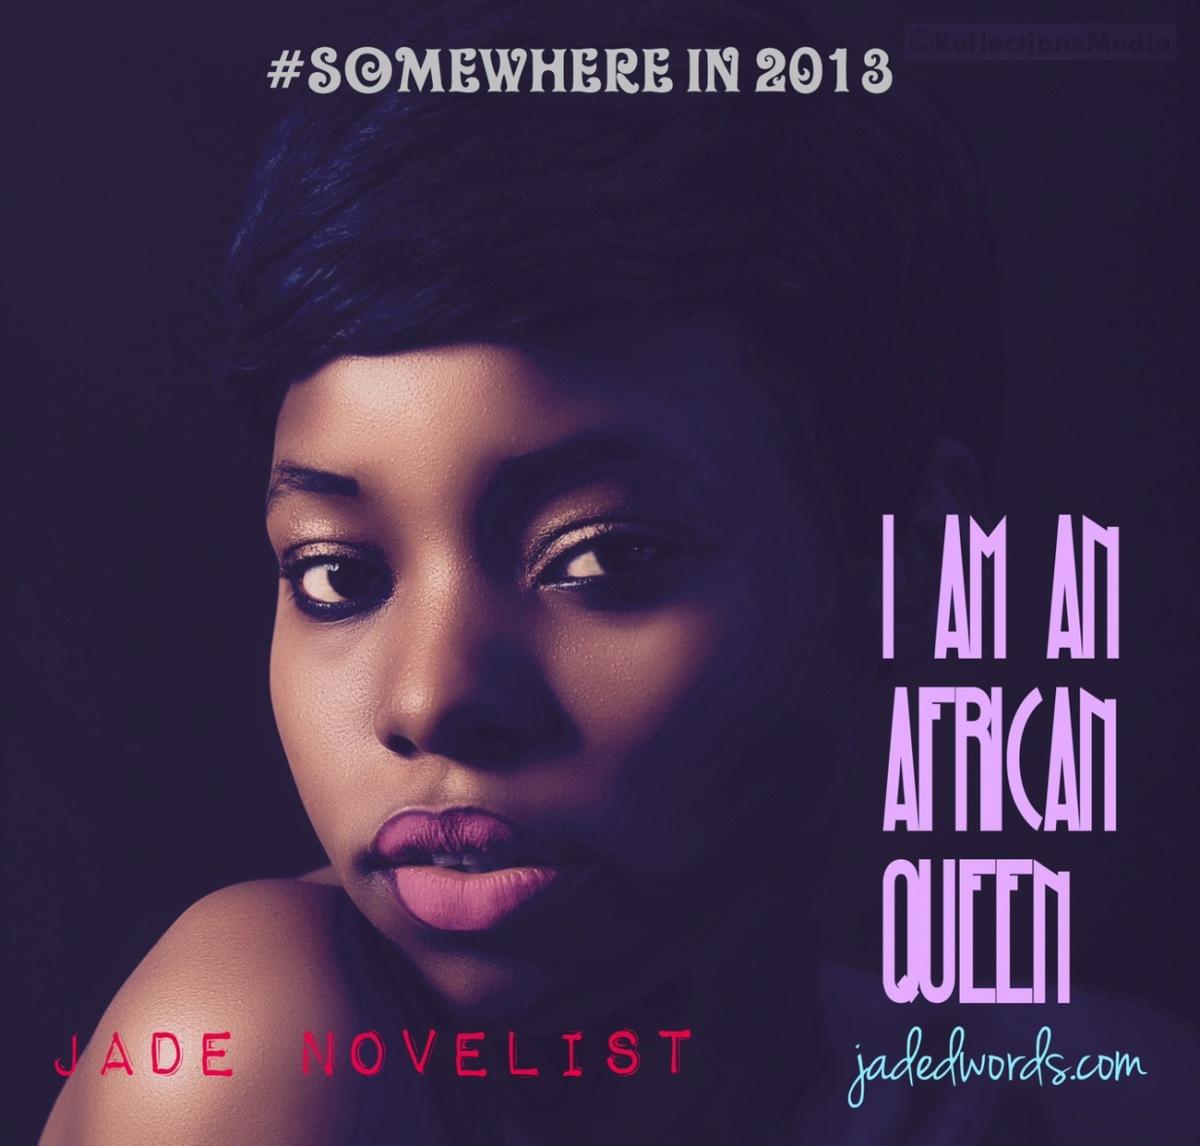 I Am An African Queen